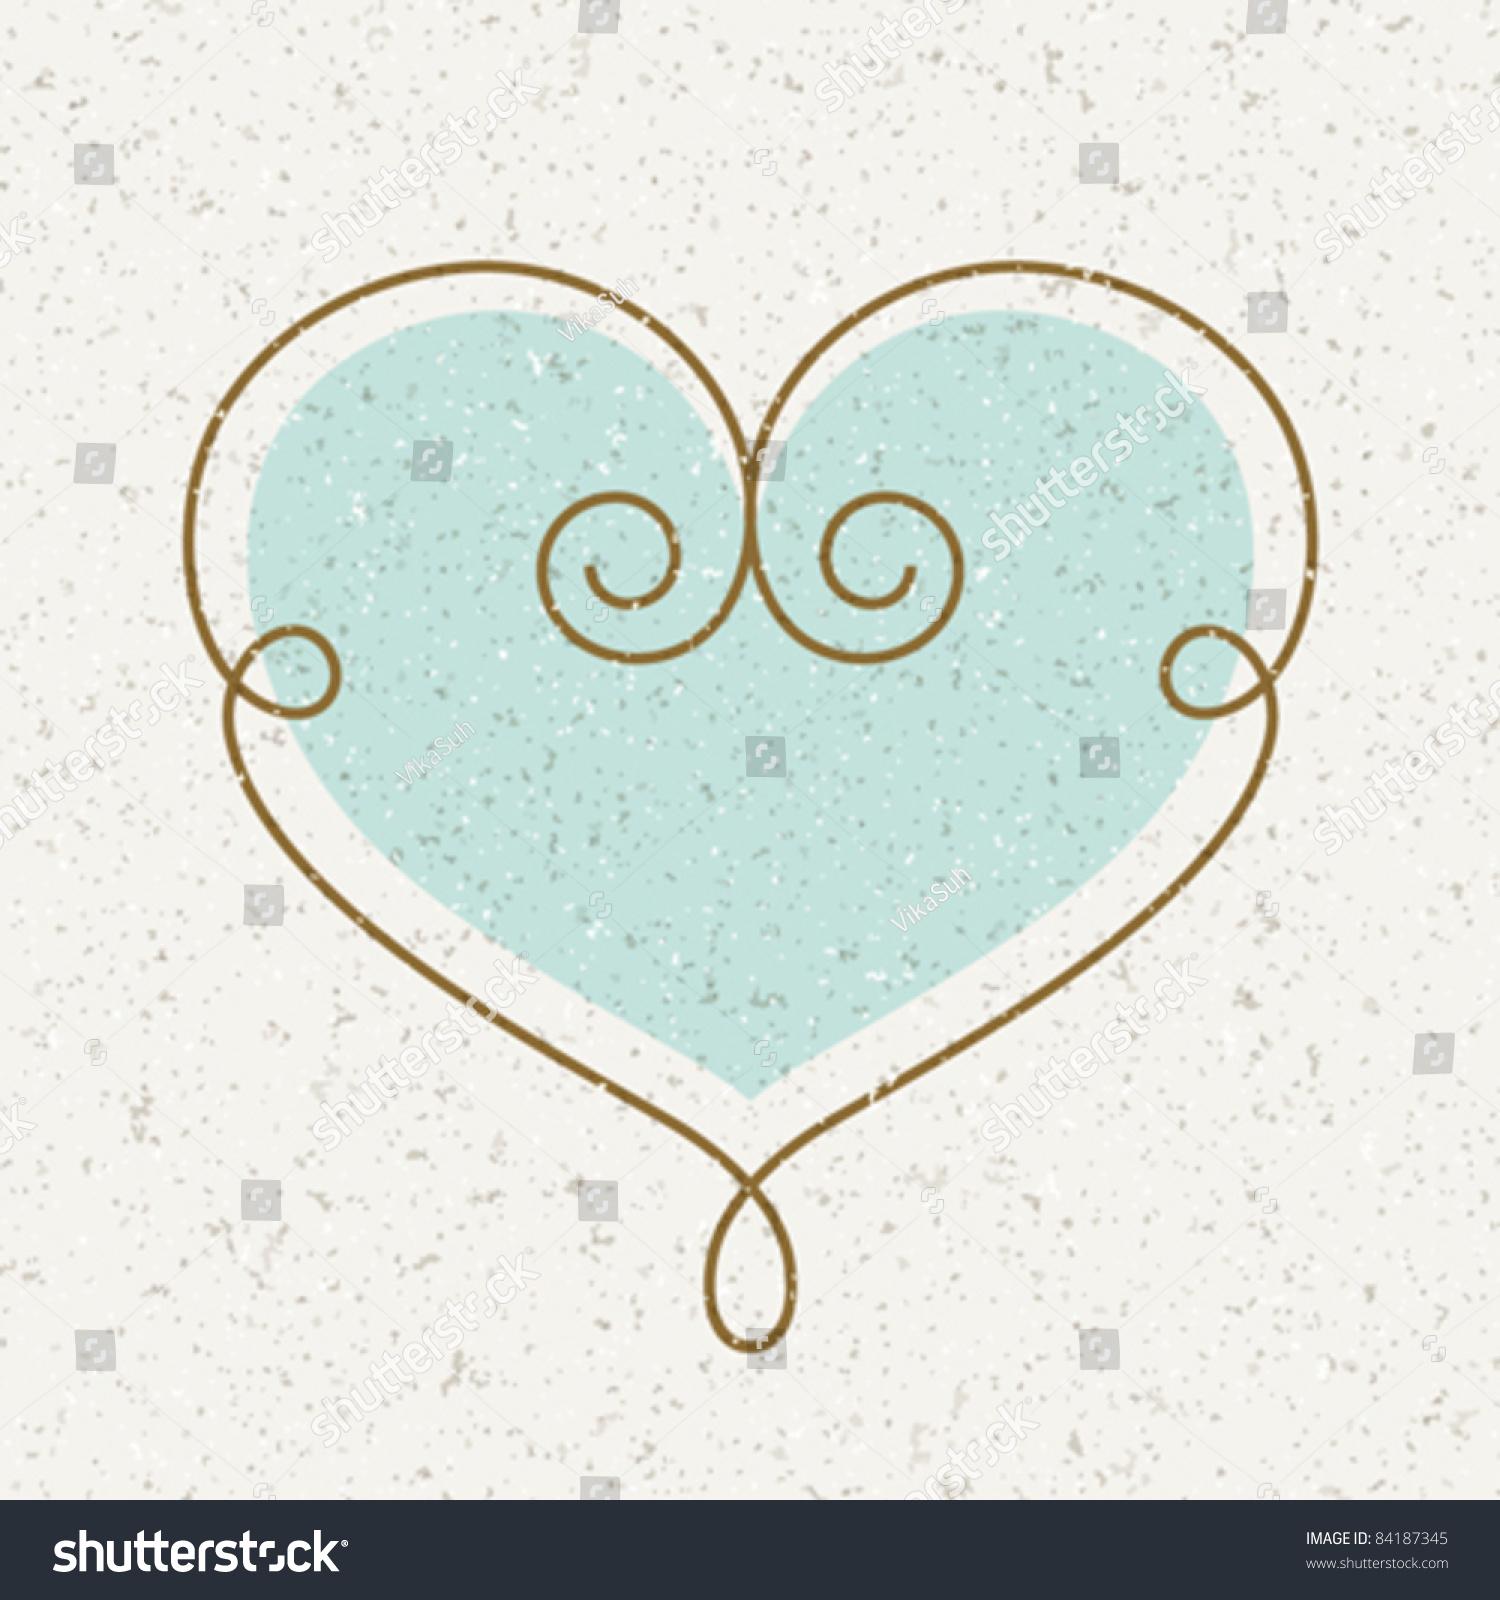 Vintage Heart Vector Illustration Design Element Stock